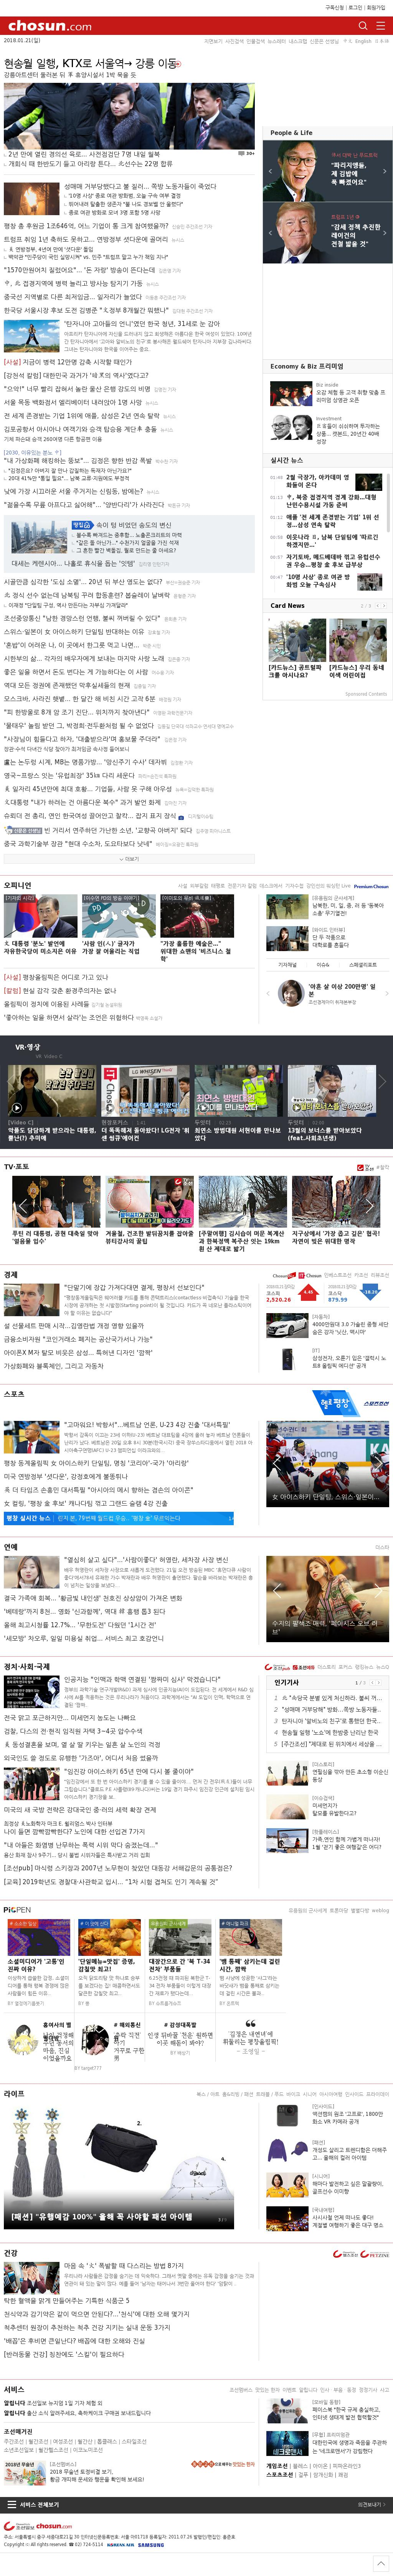 chosun.com at Sunday Jan. 21, 2018, 2:01 a.m. UTC